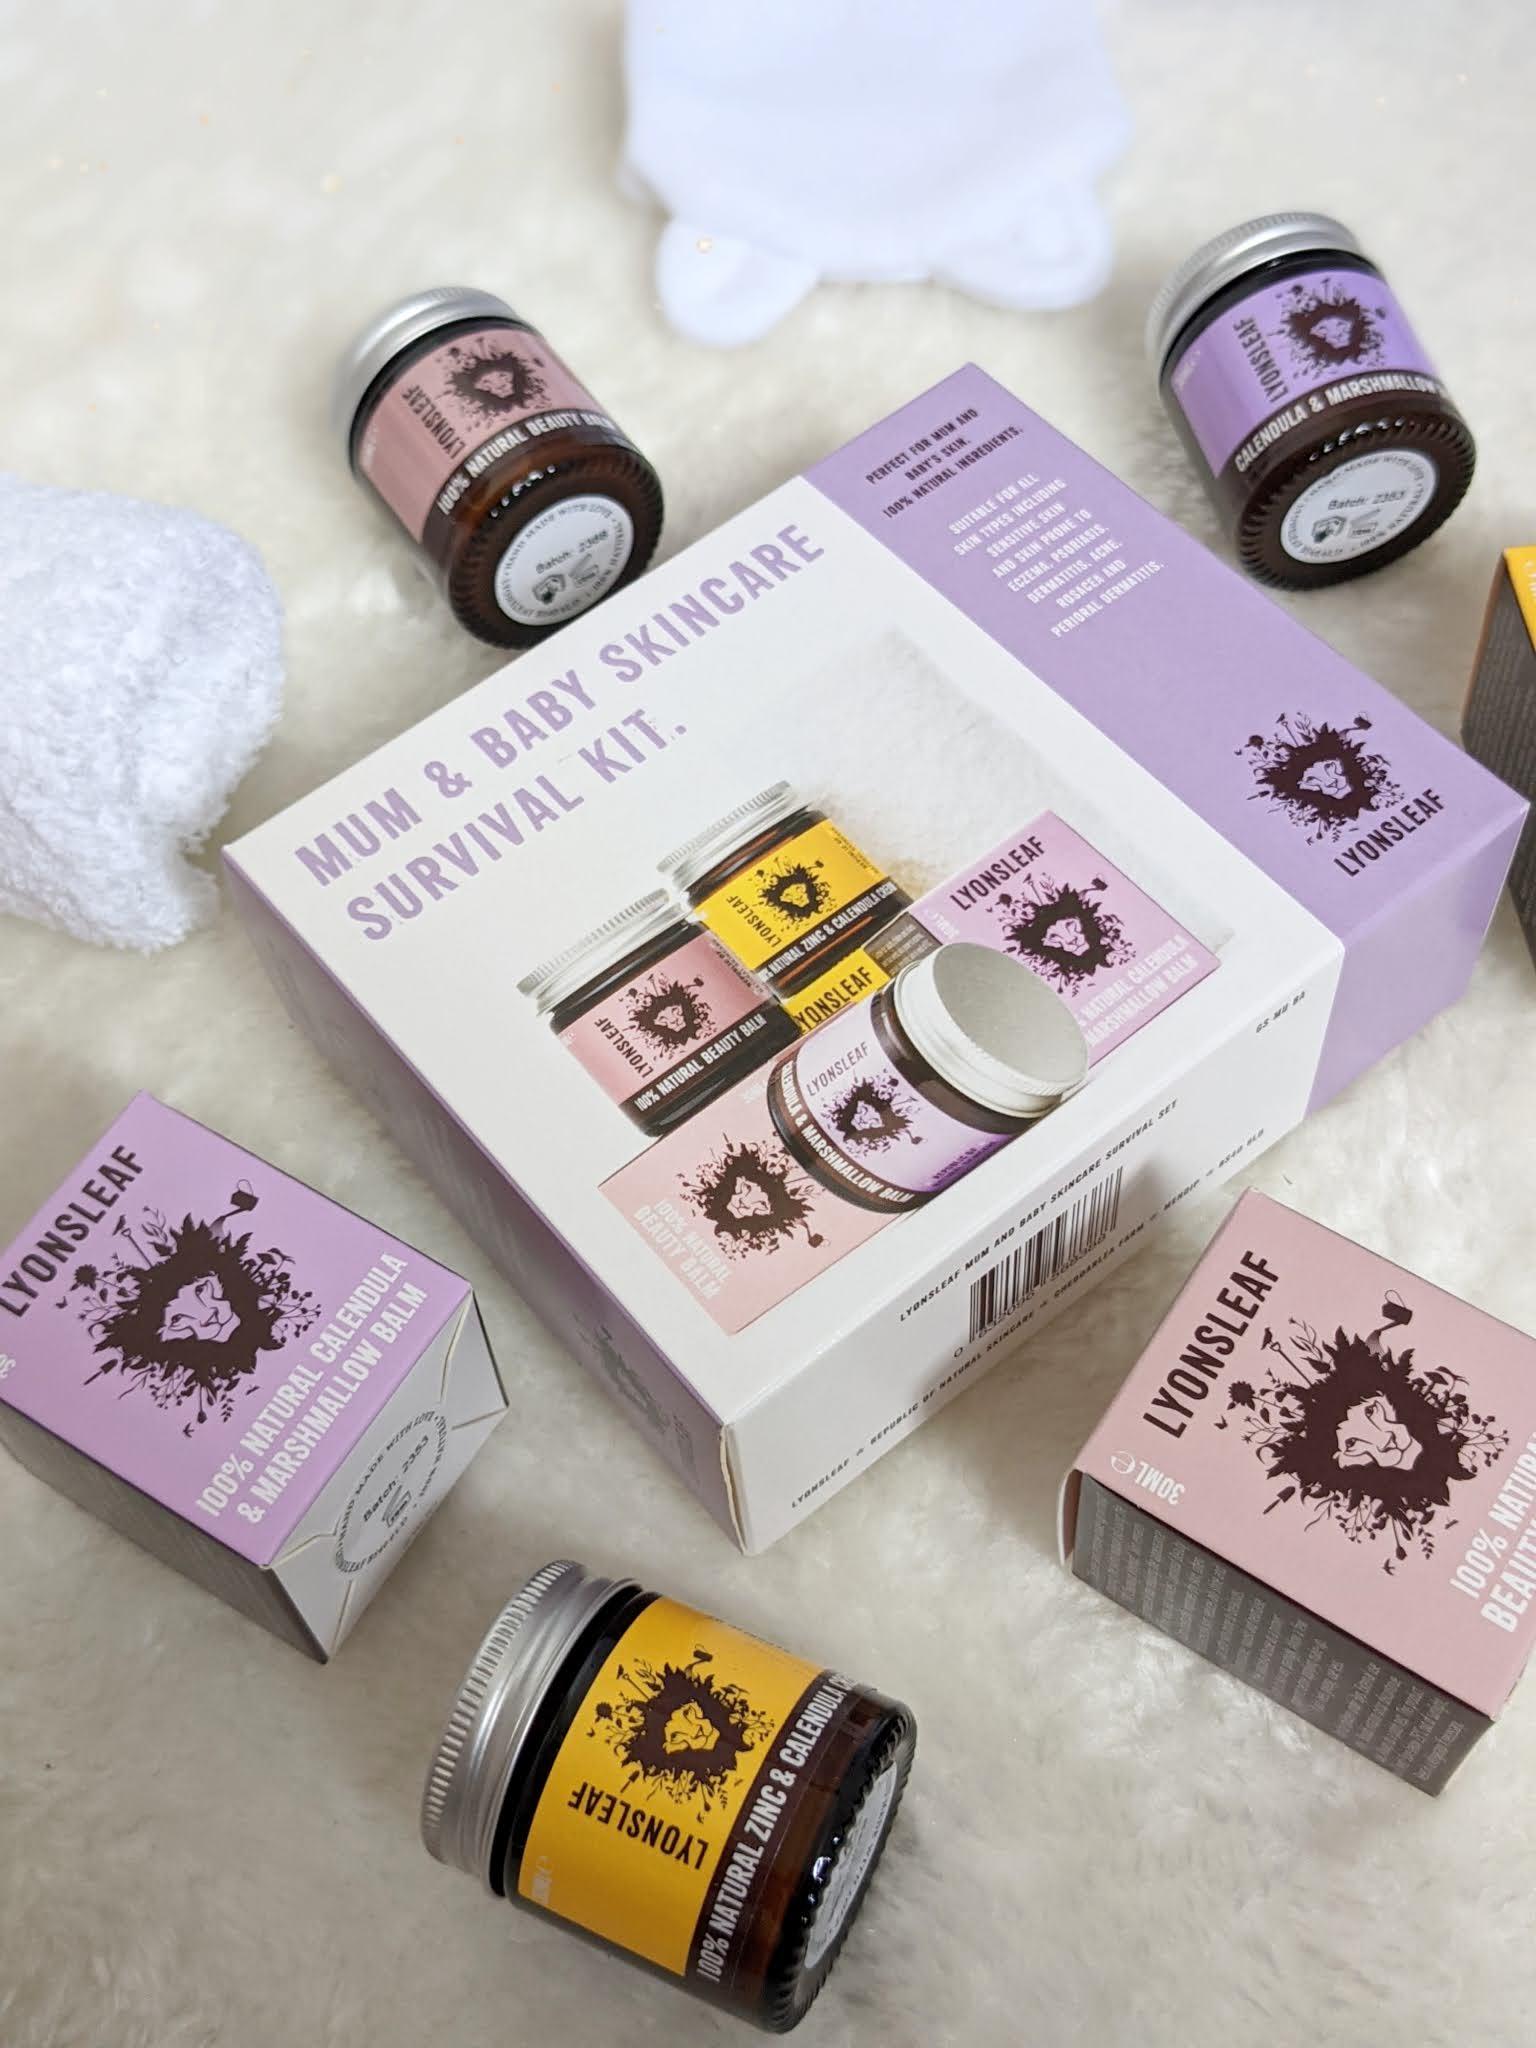 lyonsleaf mum and baby skincare survival kit littlepackofvegans doodleheart.co.uk